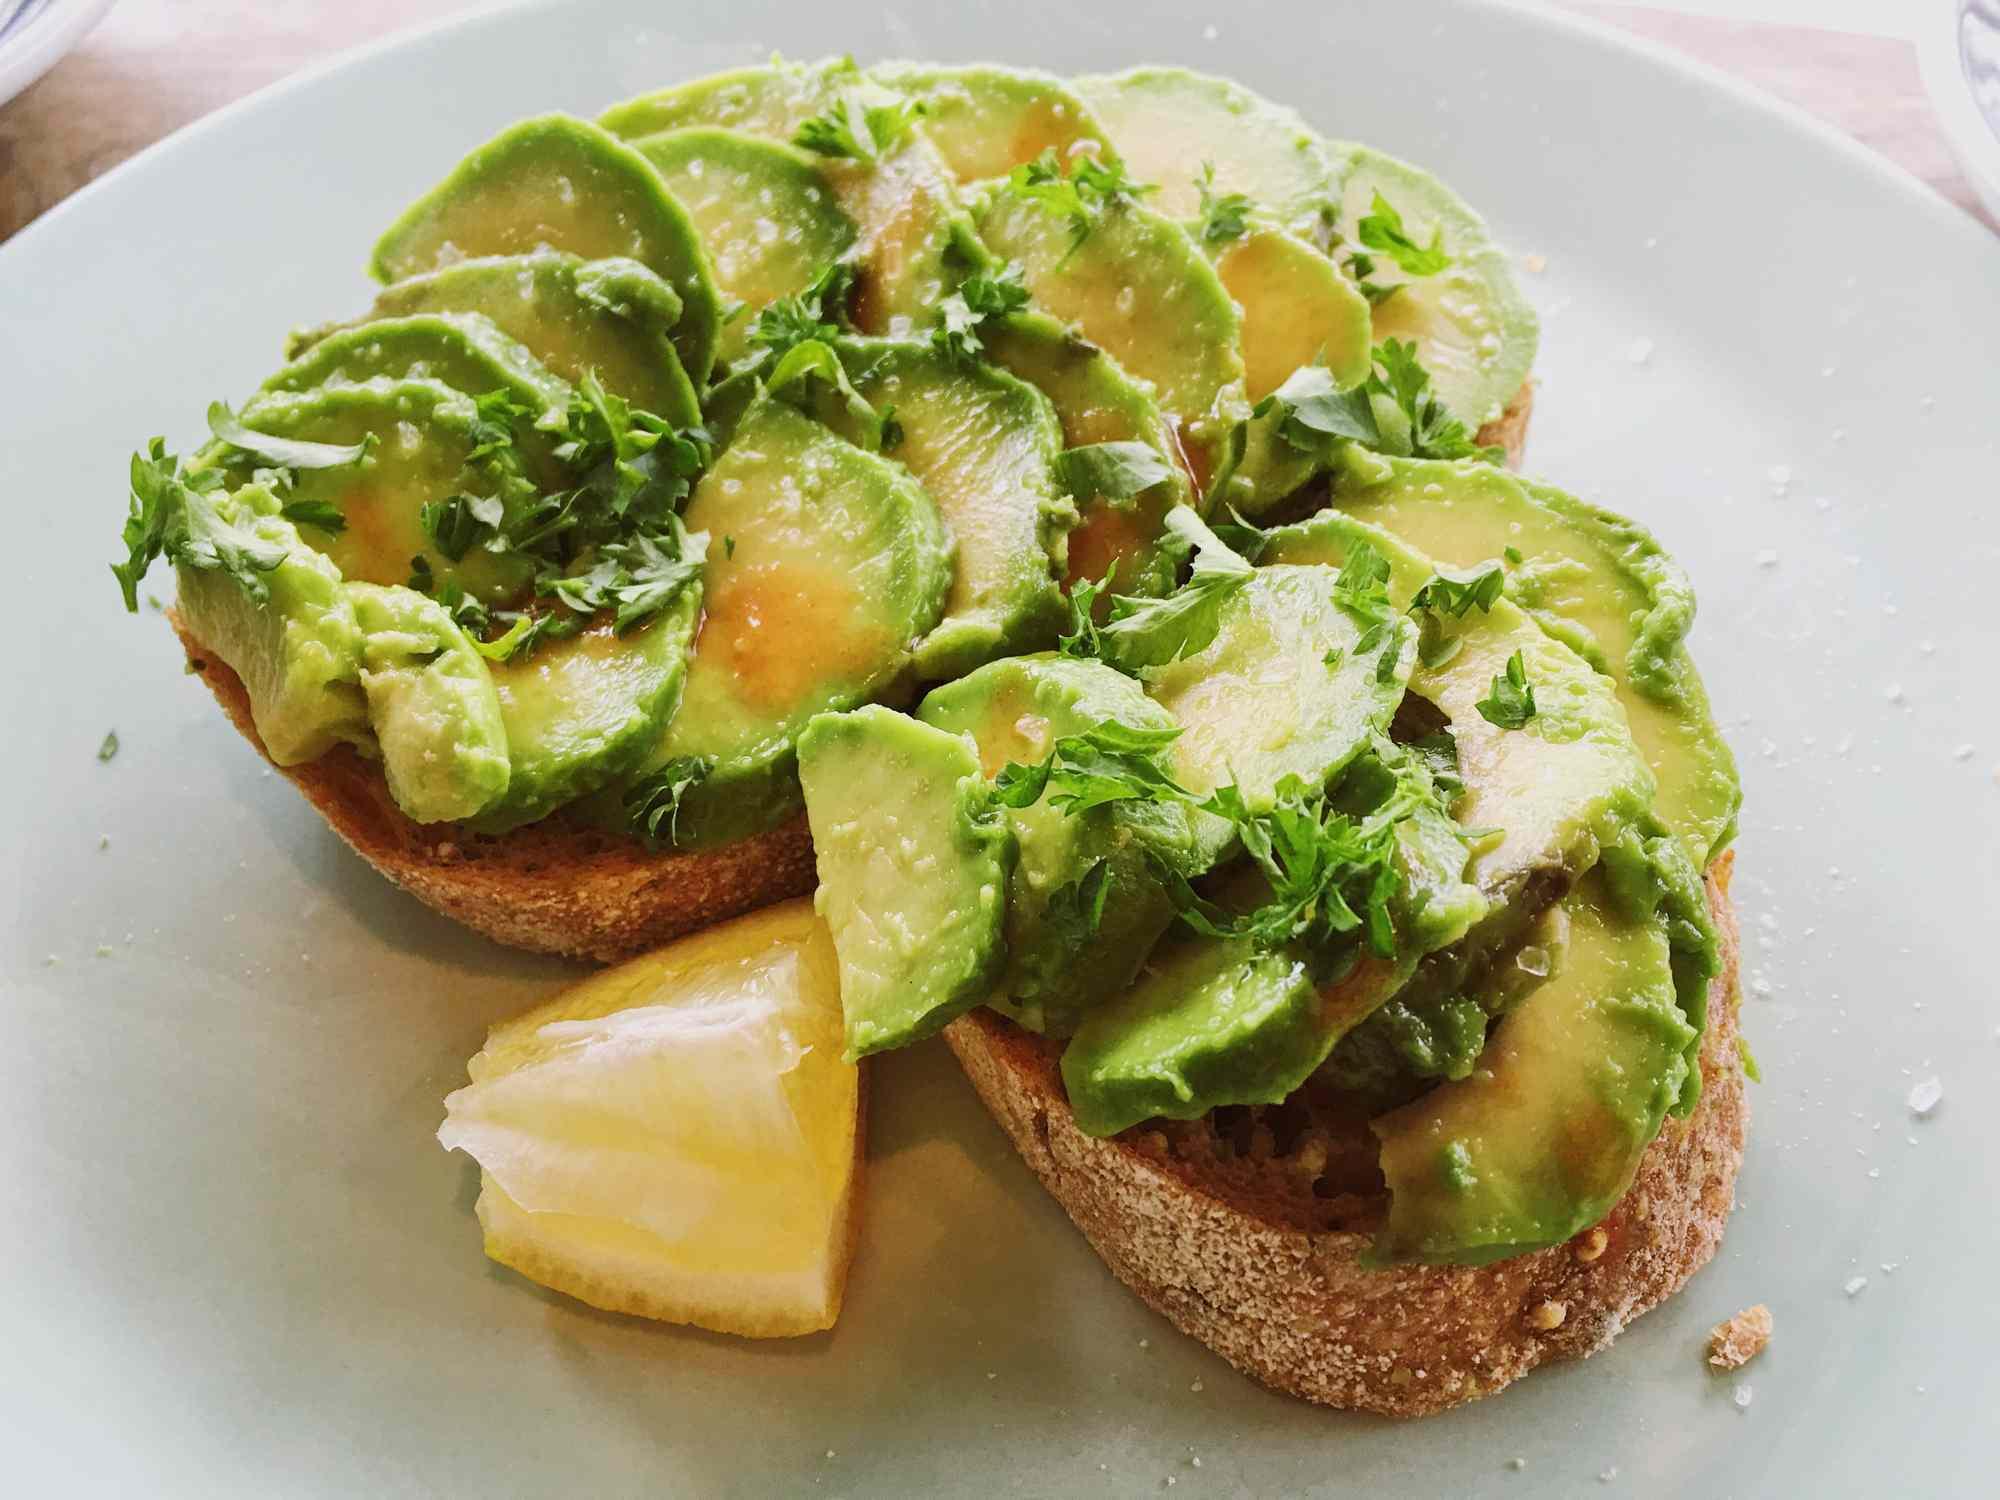 quả bơ- một trong những thực phẩm giảm cholesterol hiệu quả